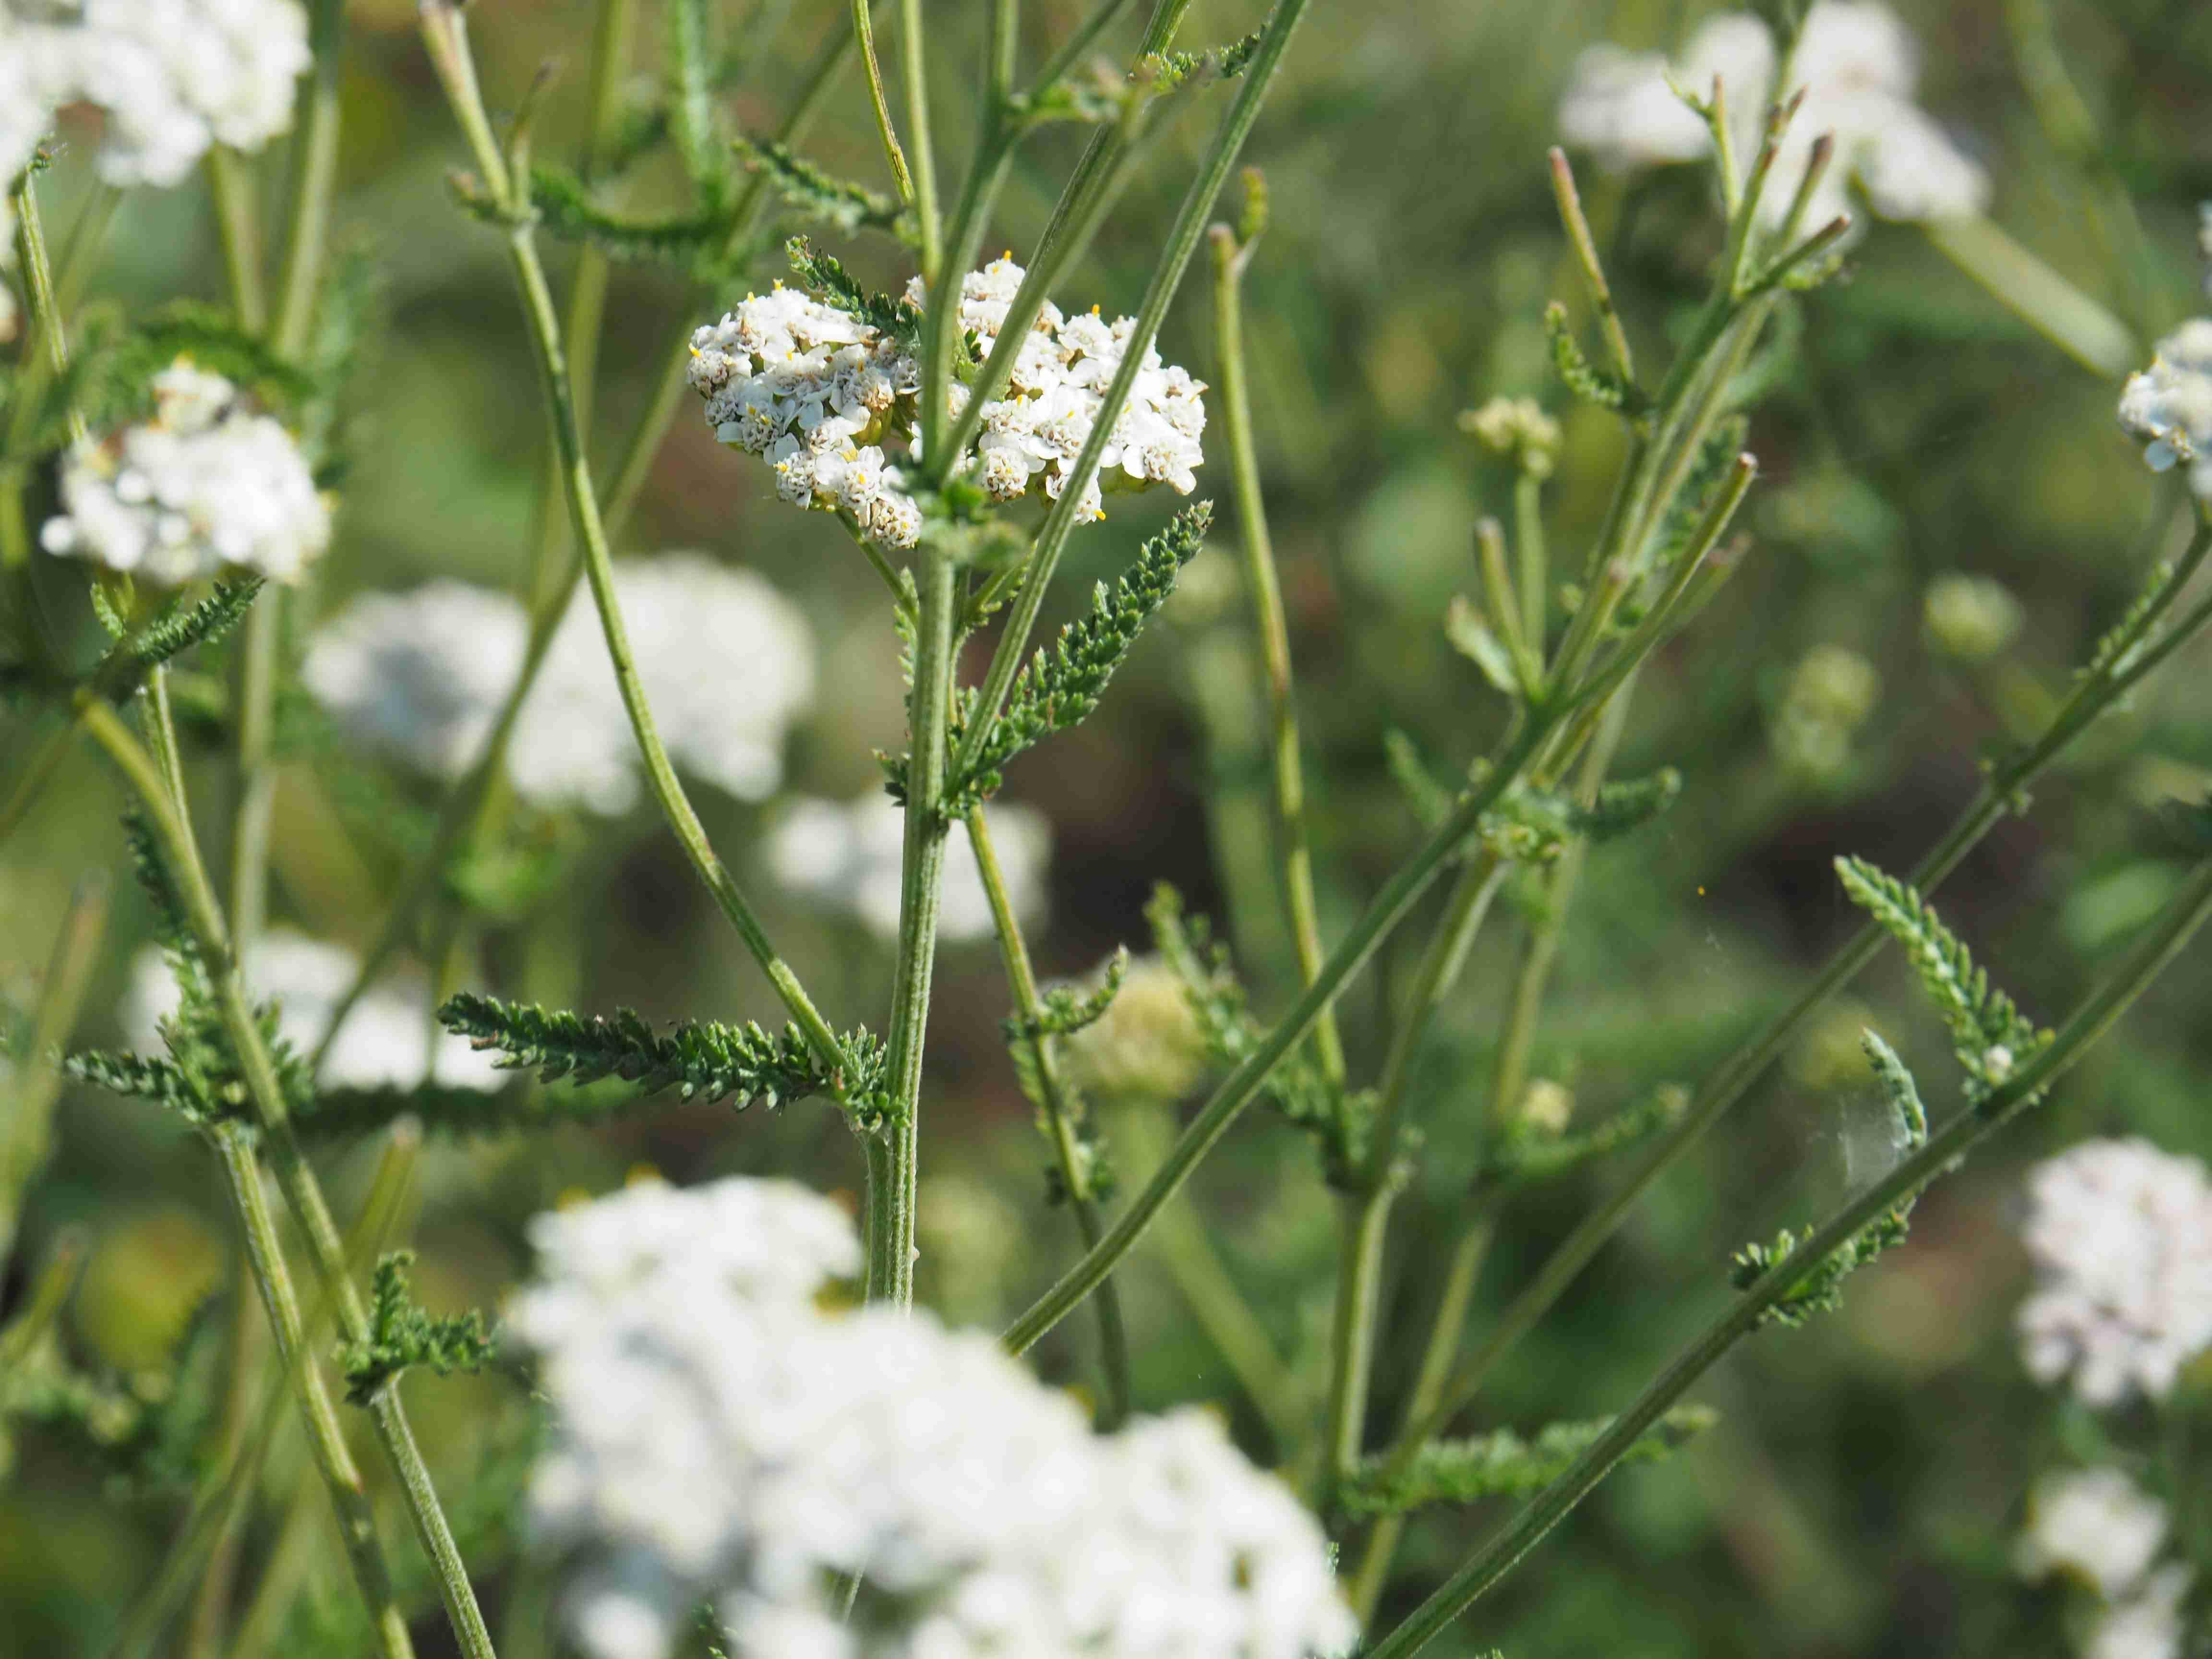 le courtil des arômes, plantes médicinales et aromatiques